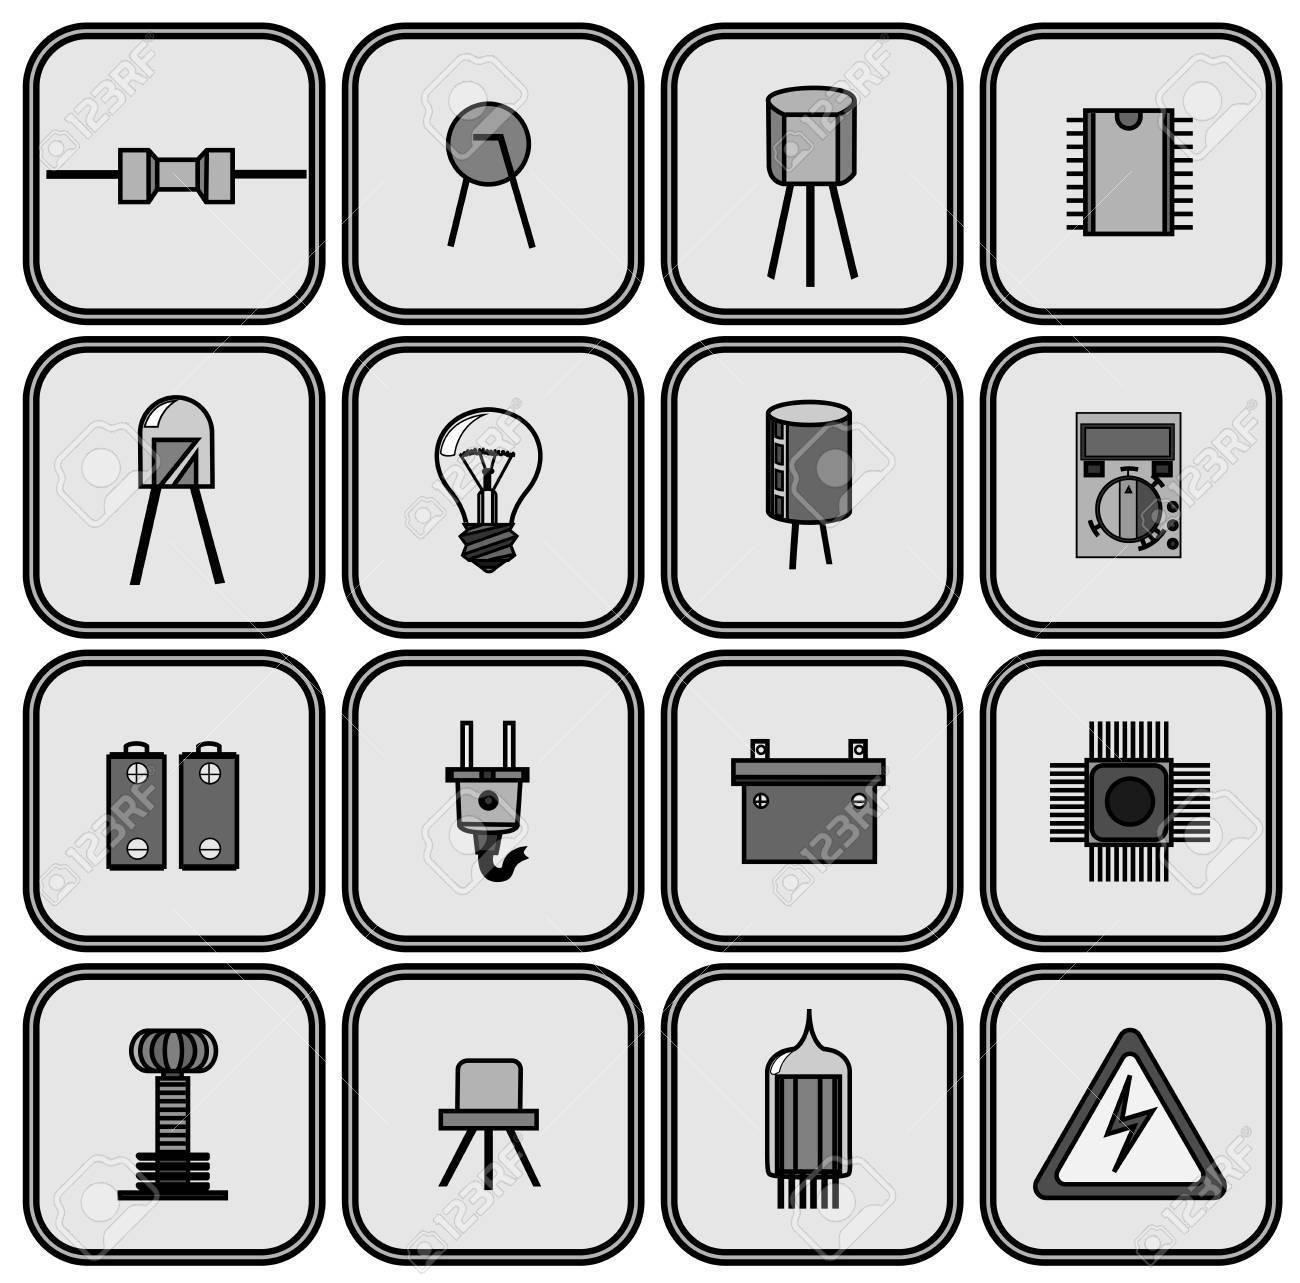 Nett Liste Der Elektrischen Teile Zeitgenössisch - Elektrische ...